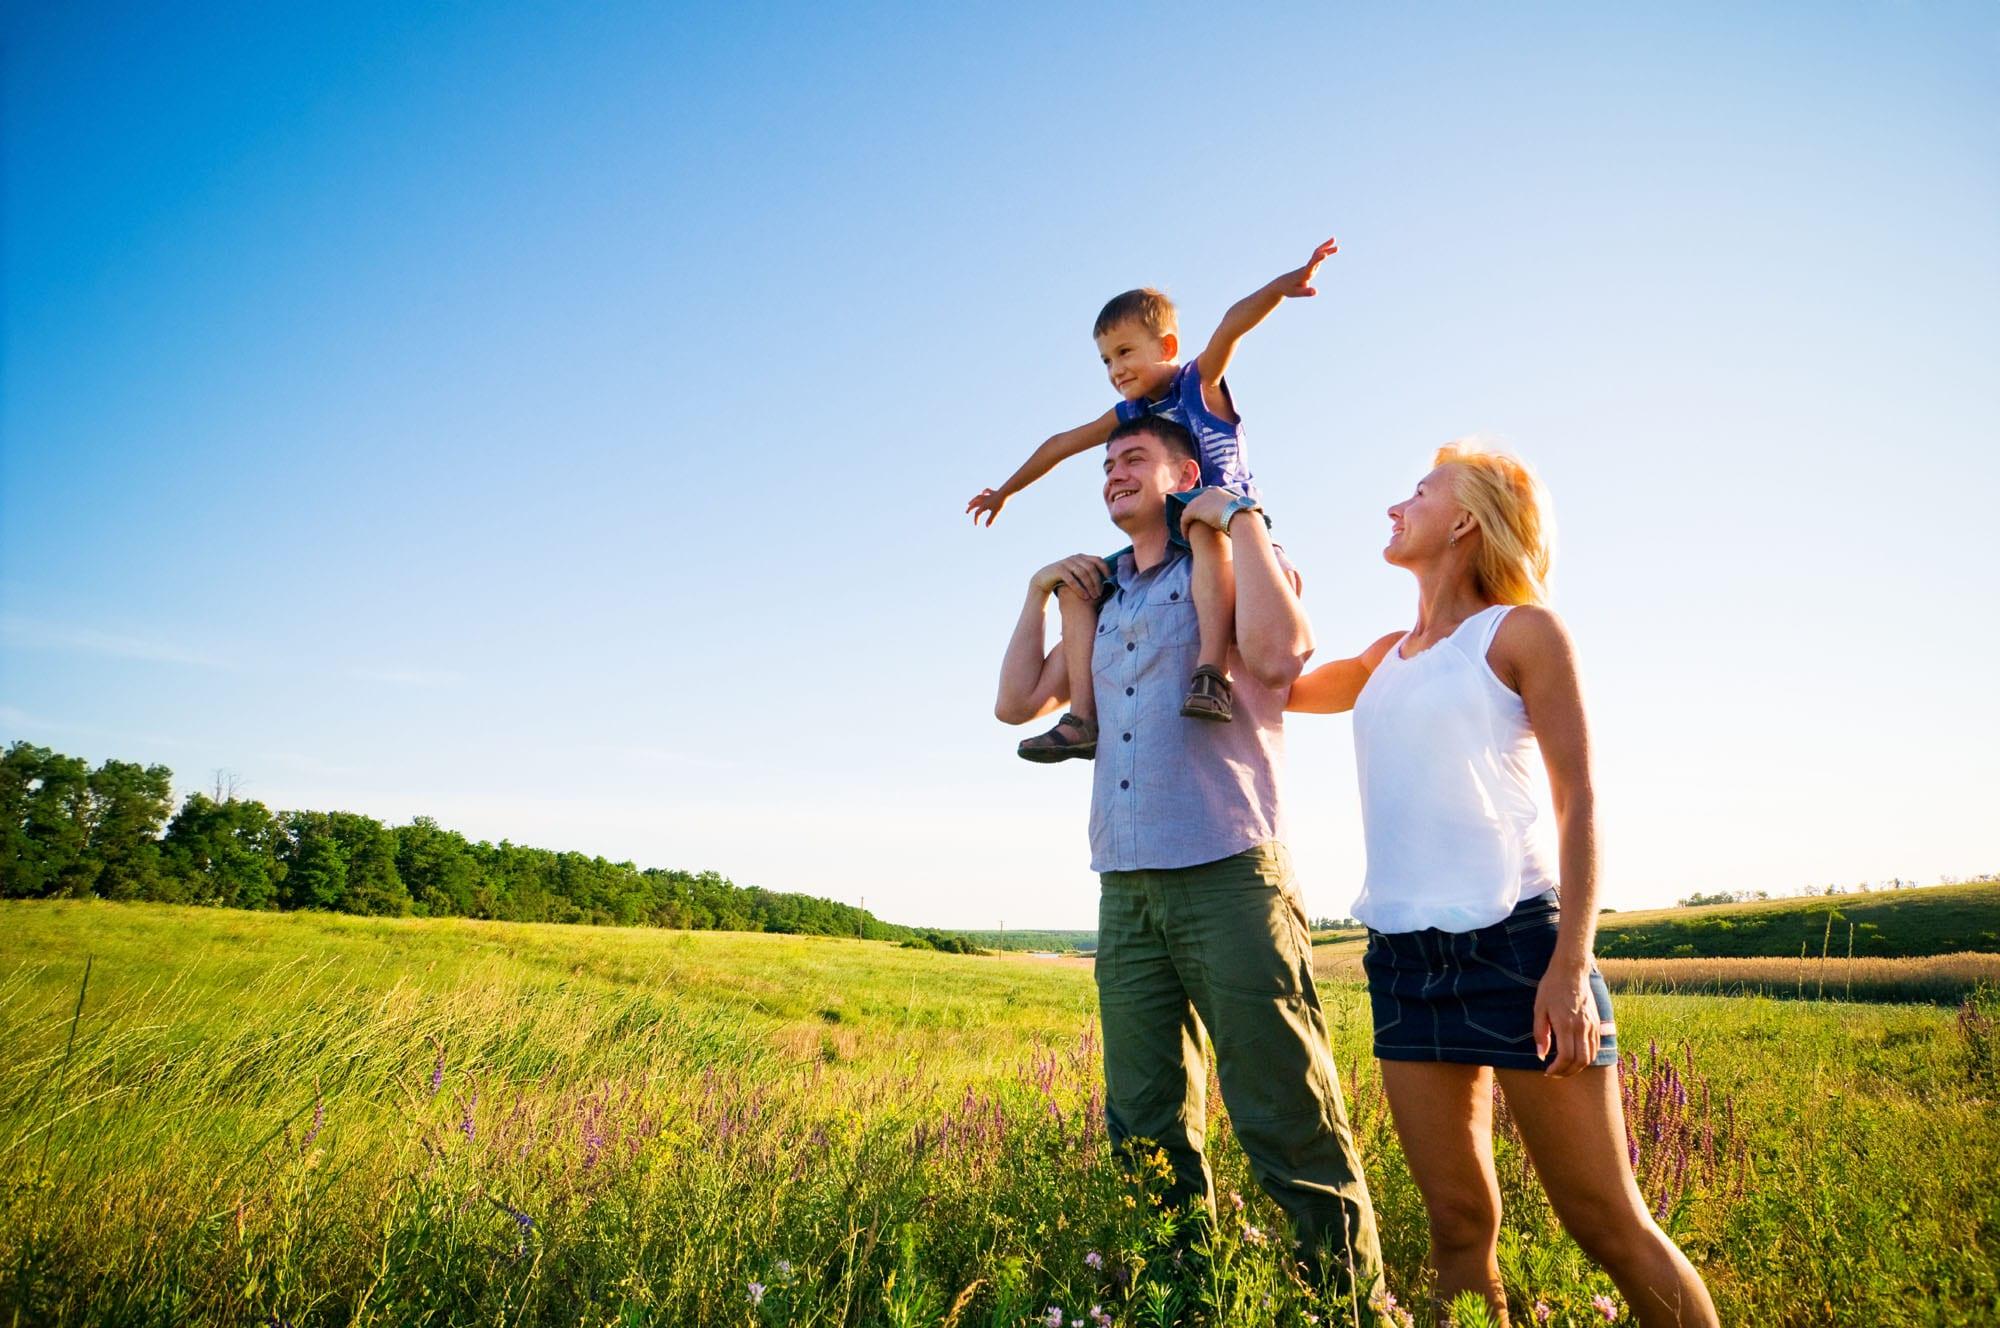 16658 a family of three - 4320 Sayılı Ailenin Korunmasına Dair Kanunun ve Uygulamalarının Değerlendirilmesi Üzerine Bir Araştırma